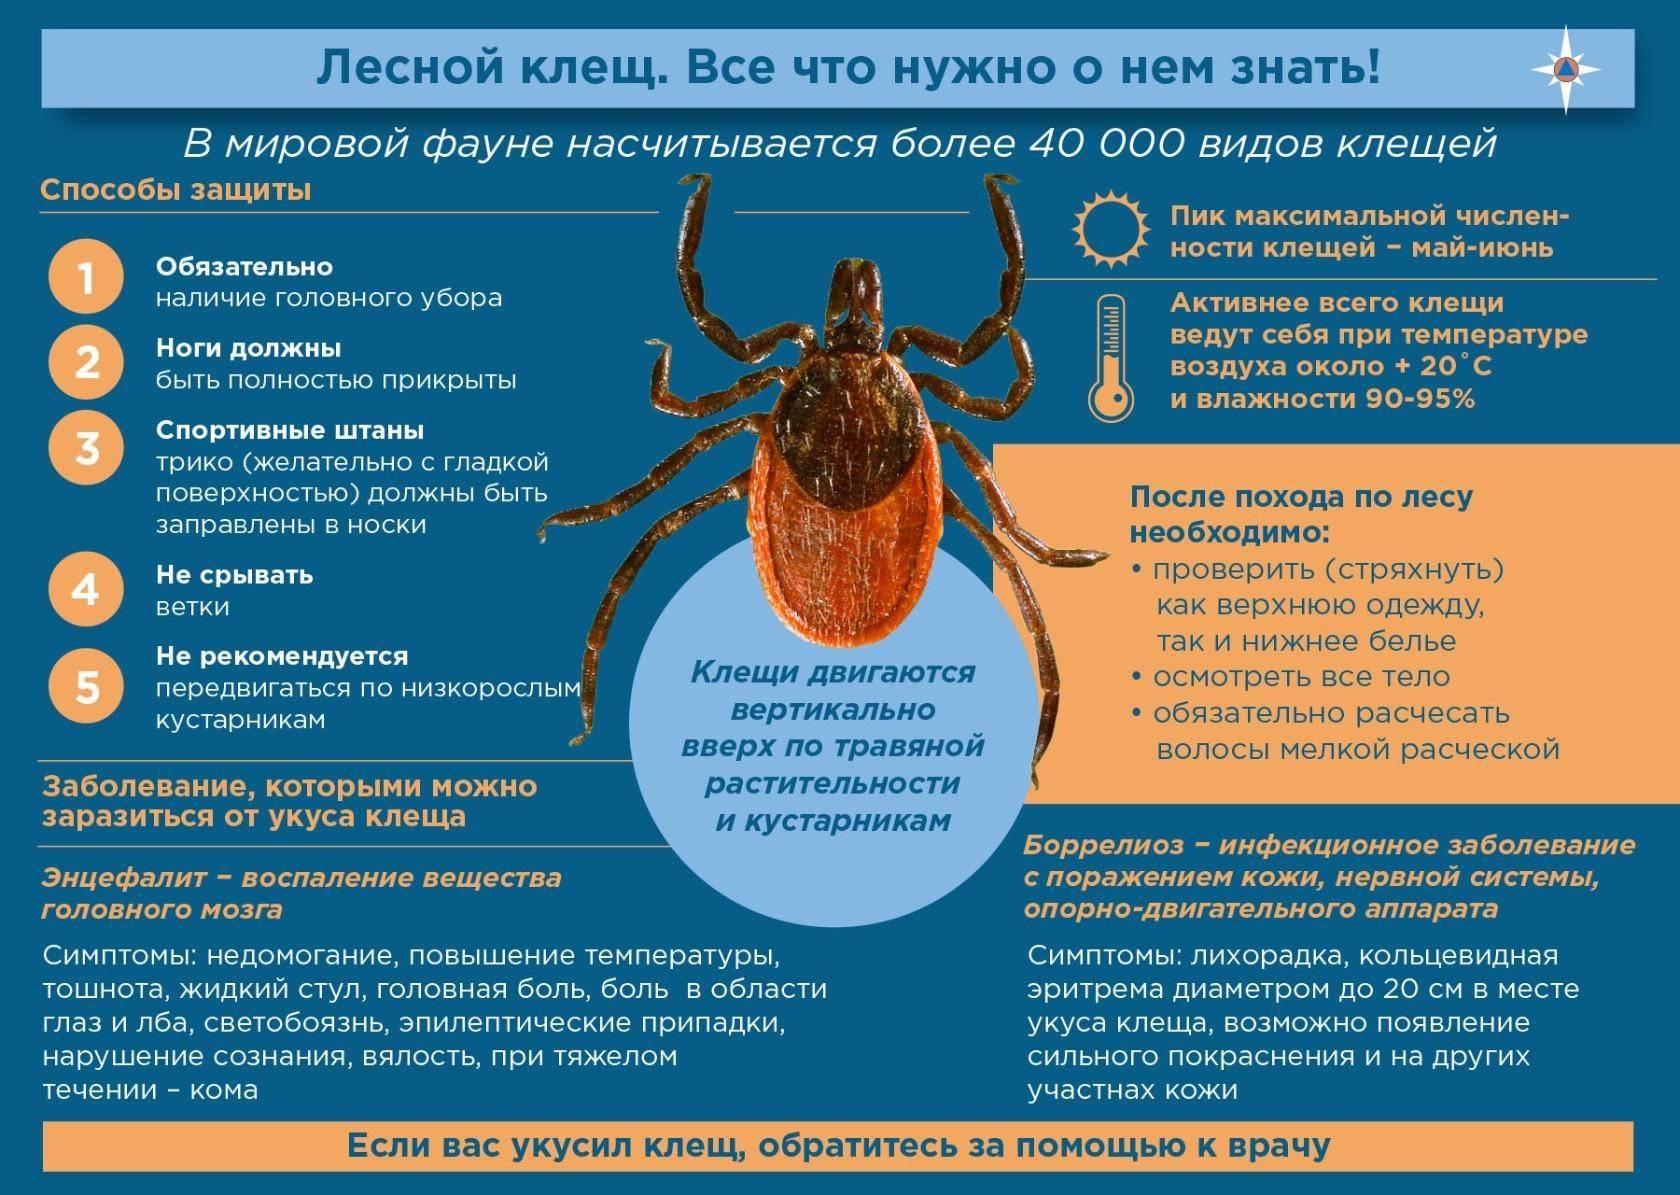 Болезни, которыми можно заразиться от клещей